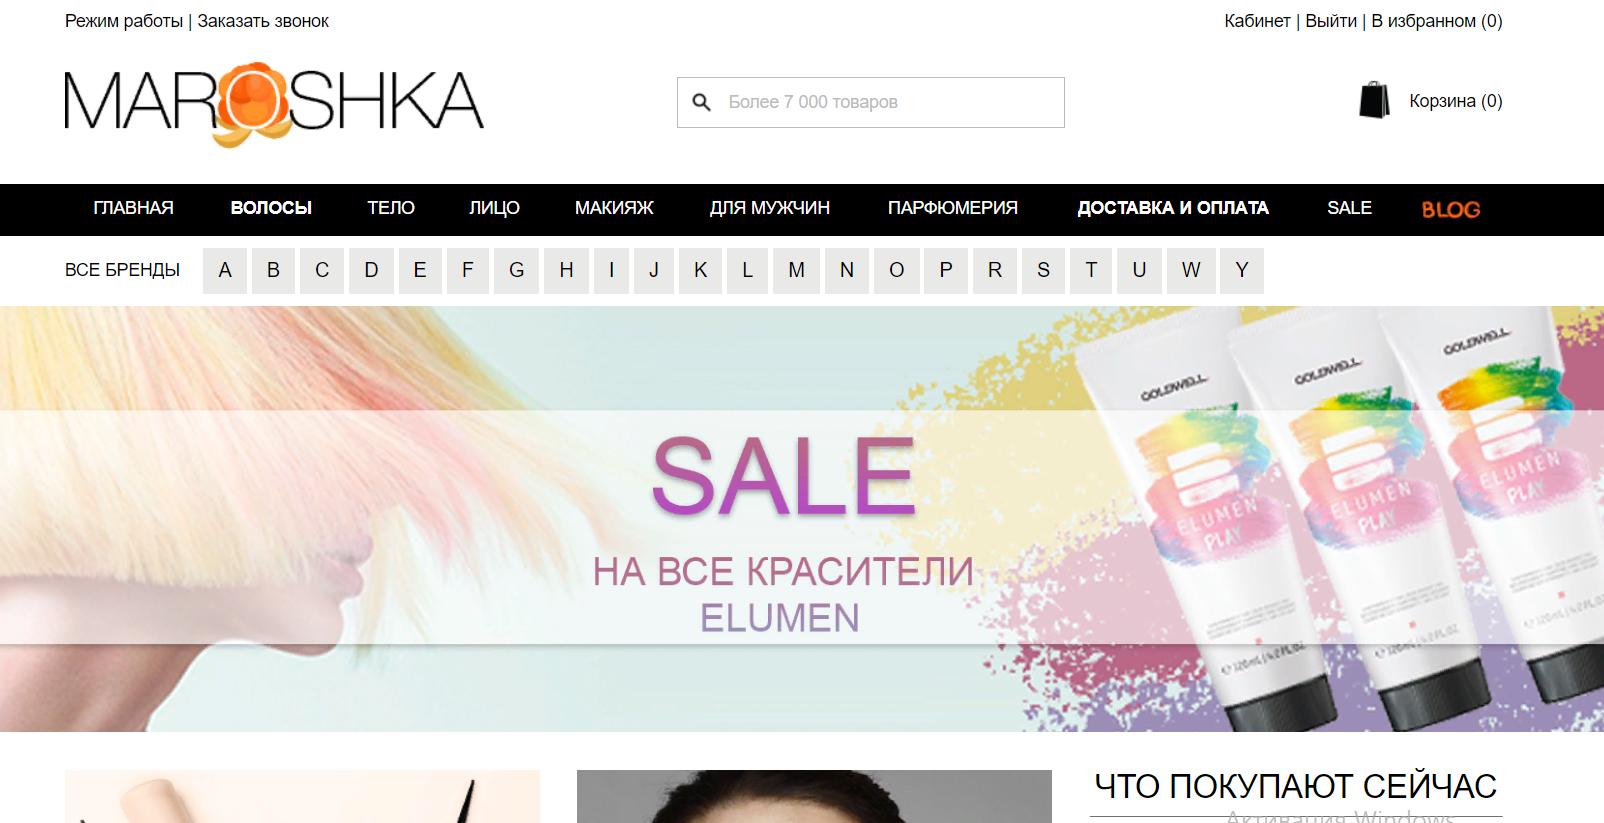 Rasprodazha v internet magazine kosmetiki - Обзор интернет-магазина косметики Maroshka.com